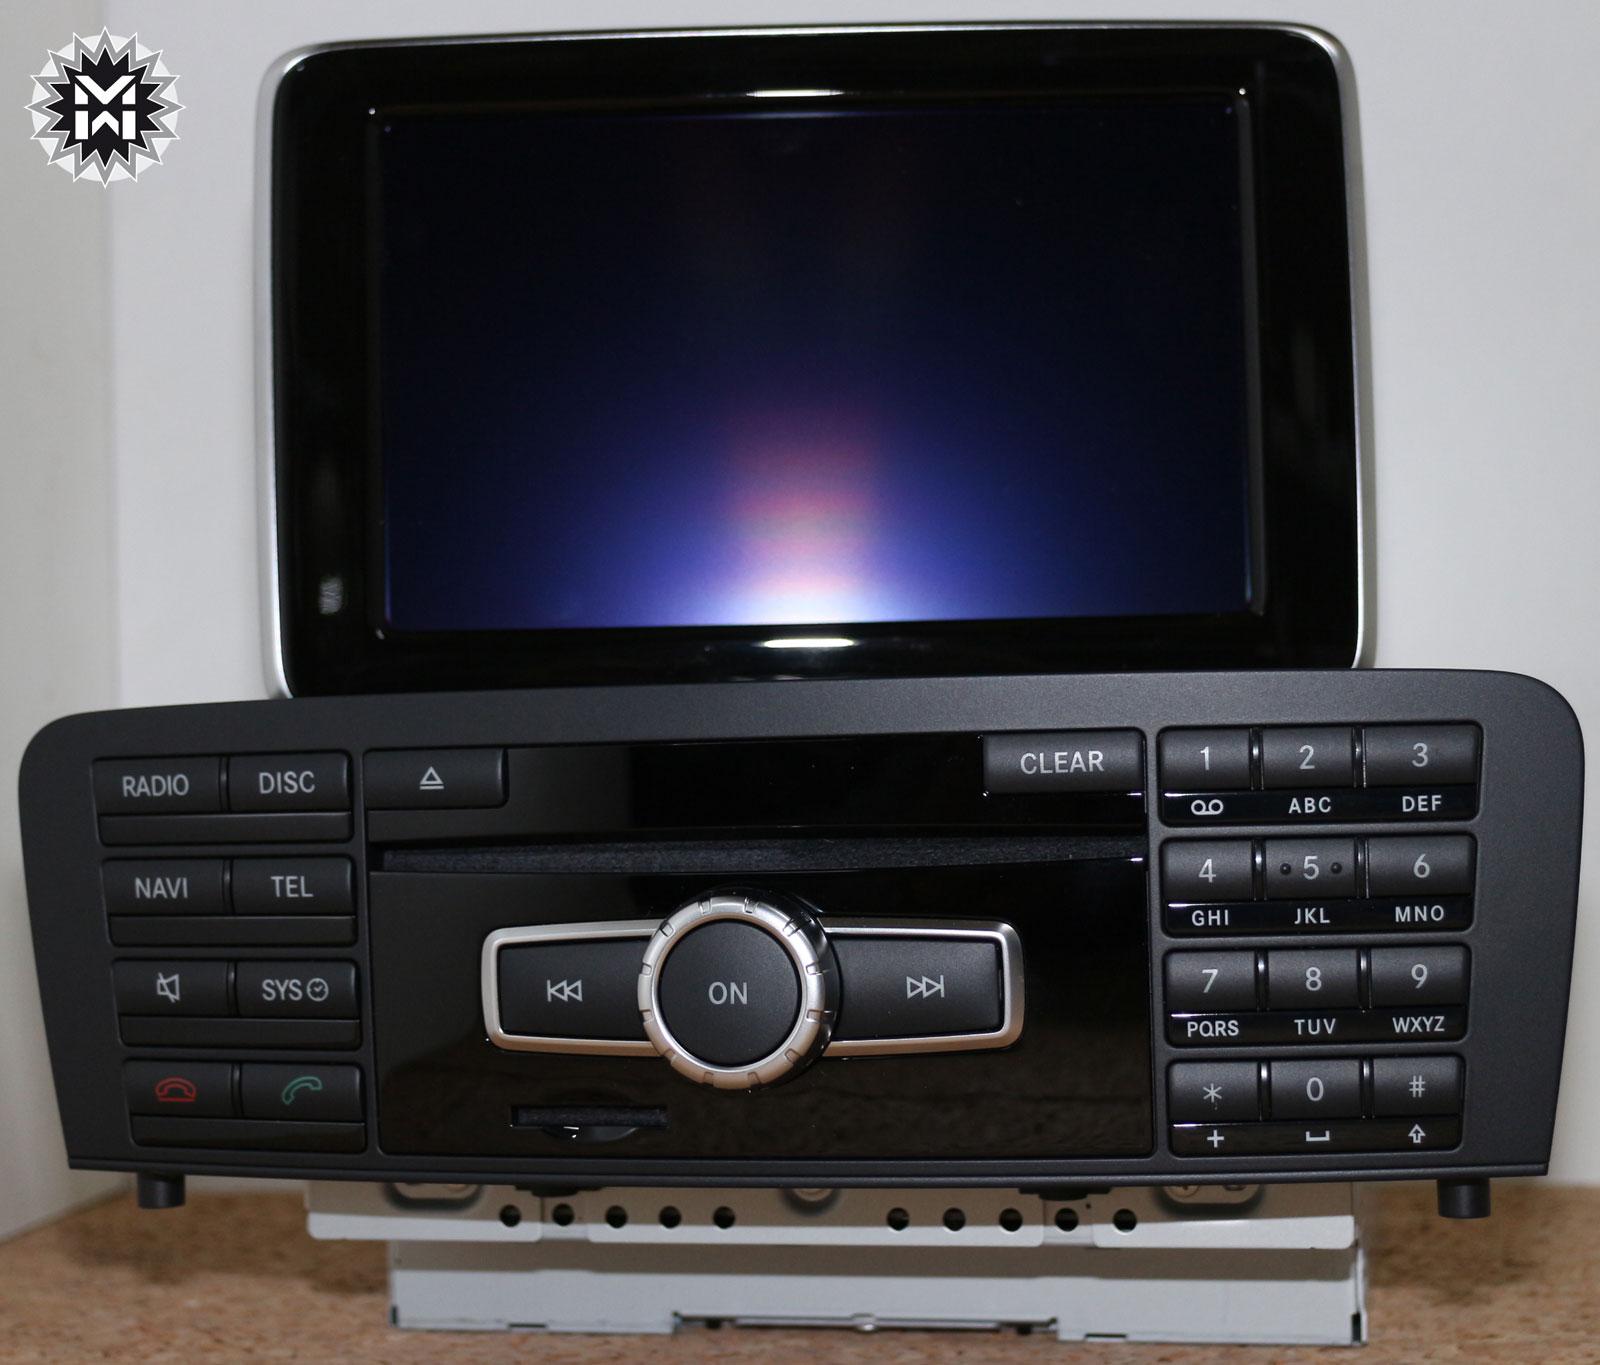 mercedes benz comand ntg 4 7 online dvd navigation a klasse w176 a2469005712 ebay. Black Bedroom Furniture Sets. Home Design Ideas